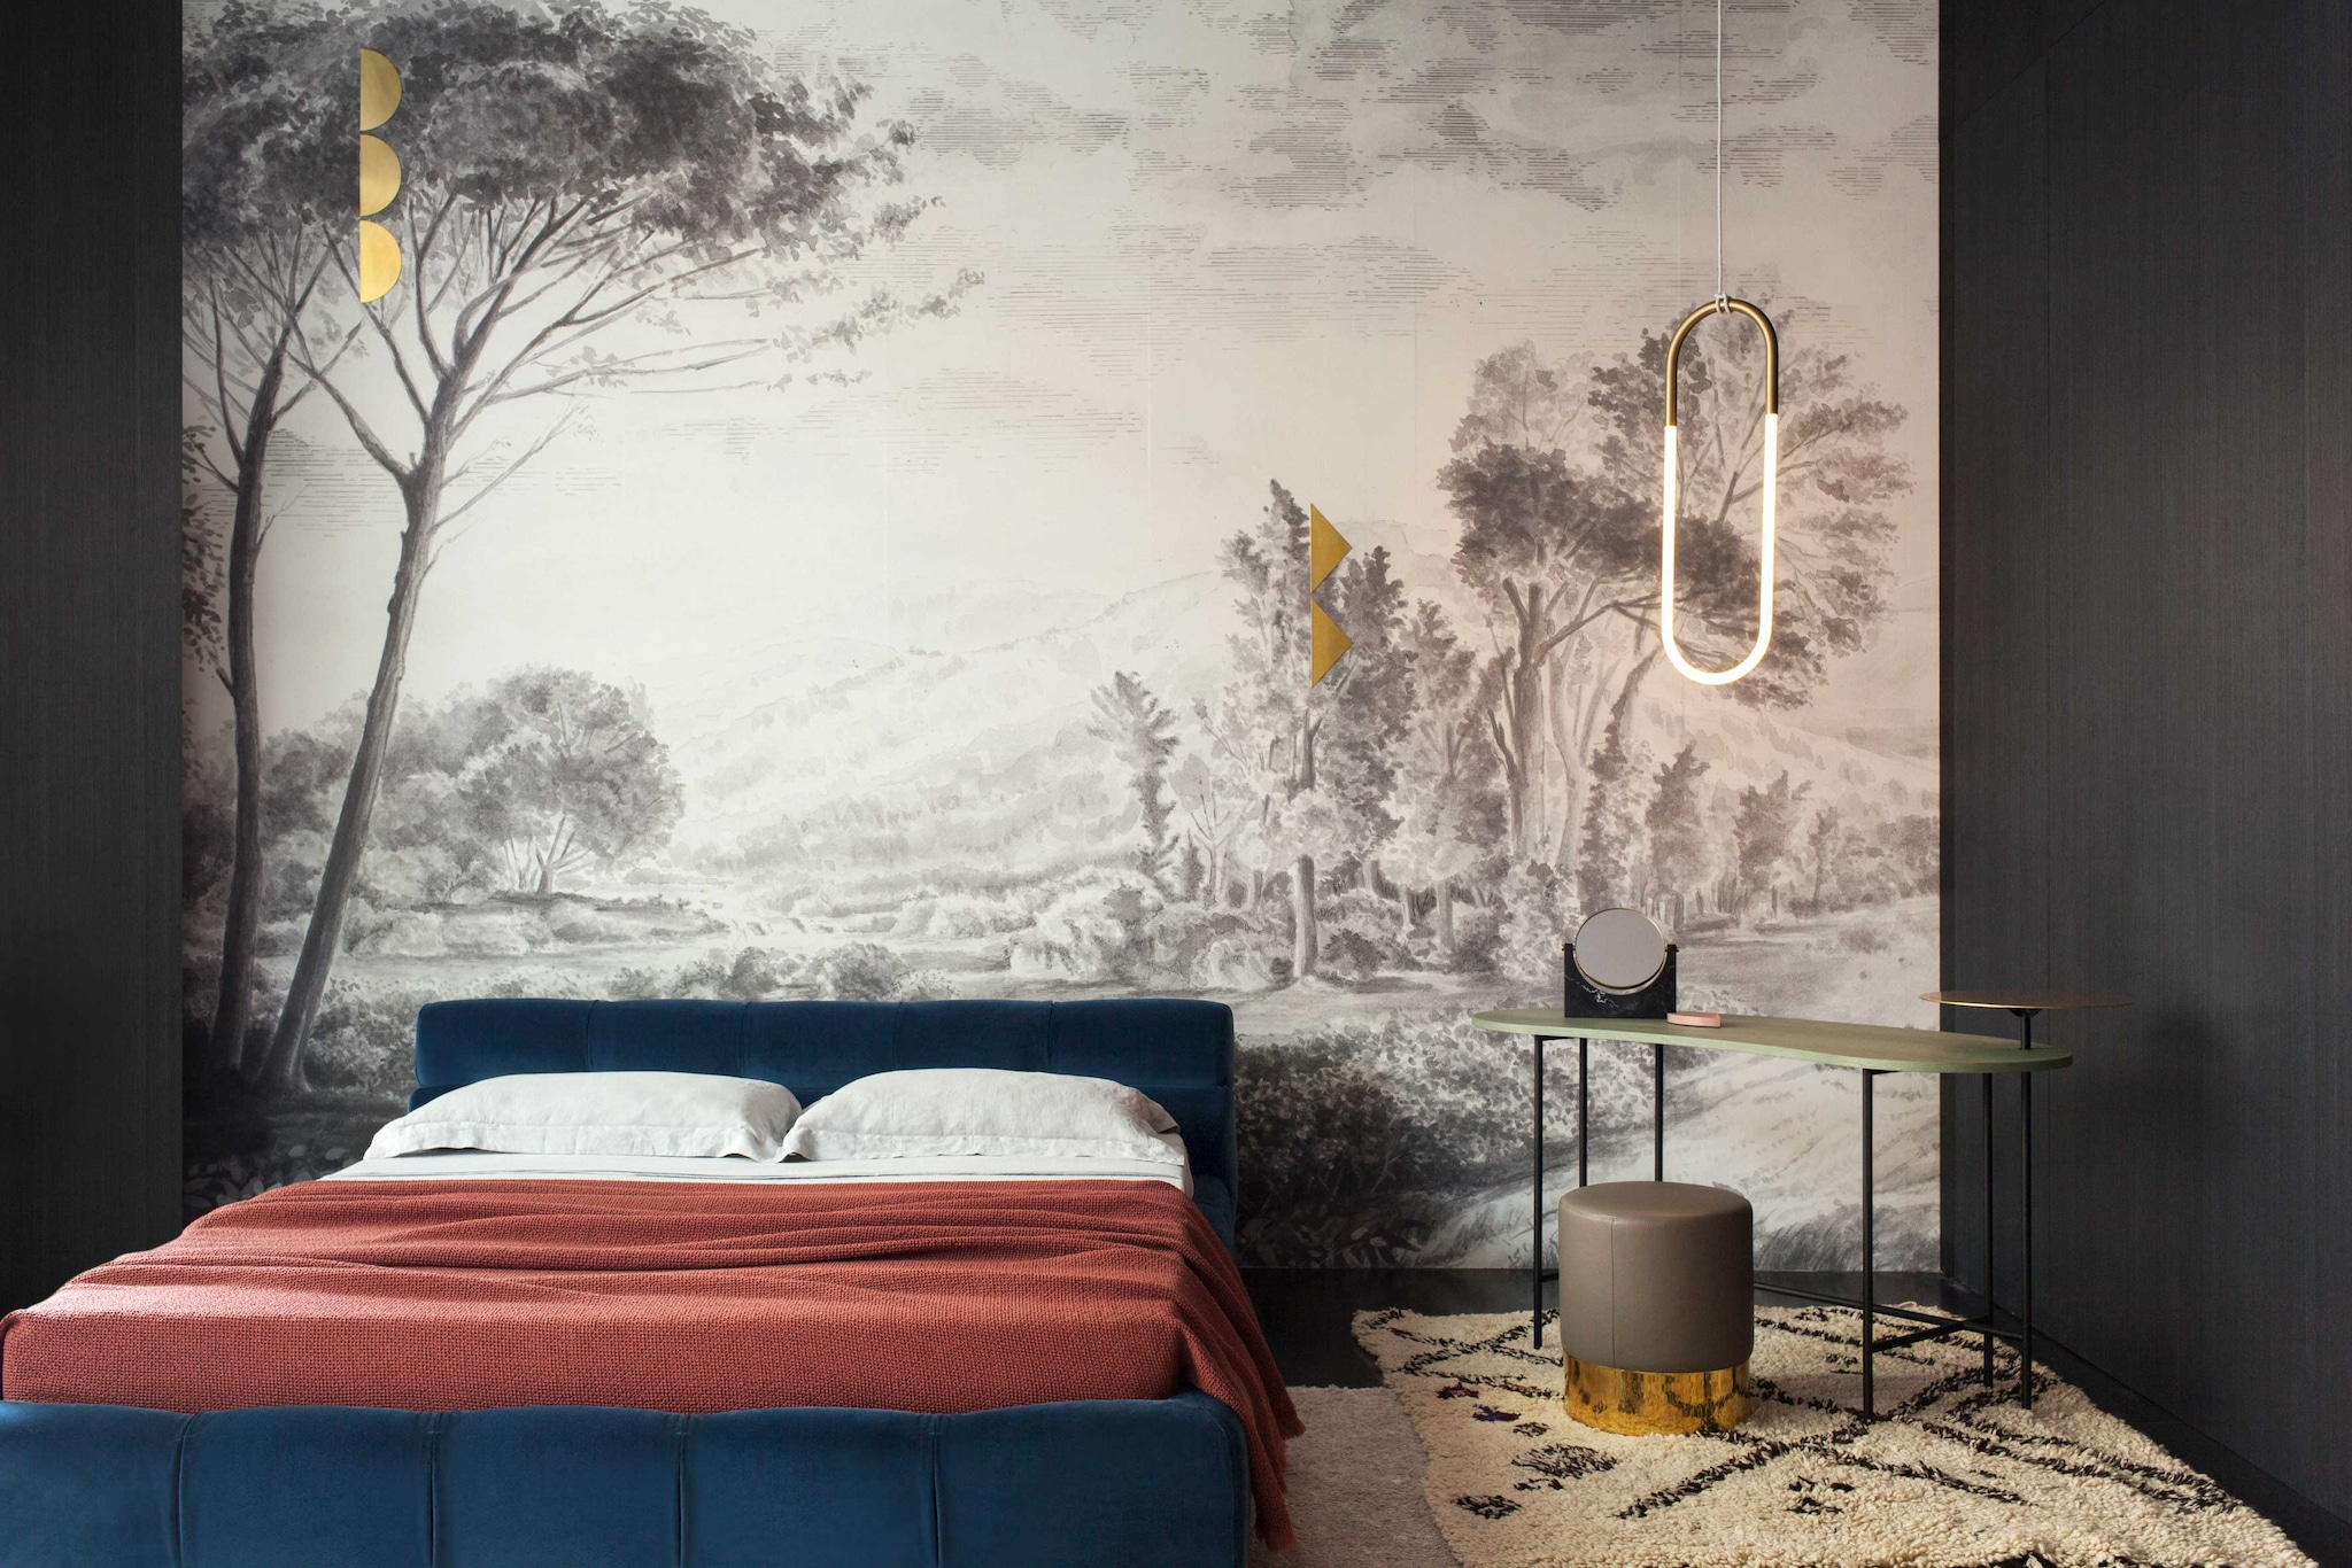 The Wallu0026Deco wallpaper for Spotti is sold